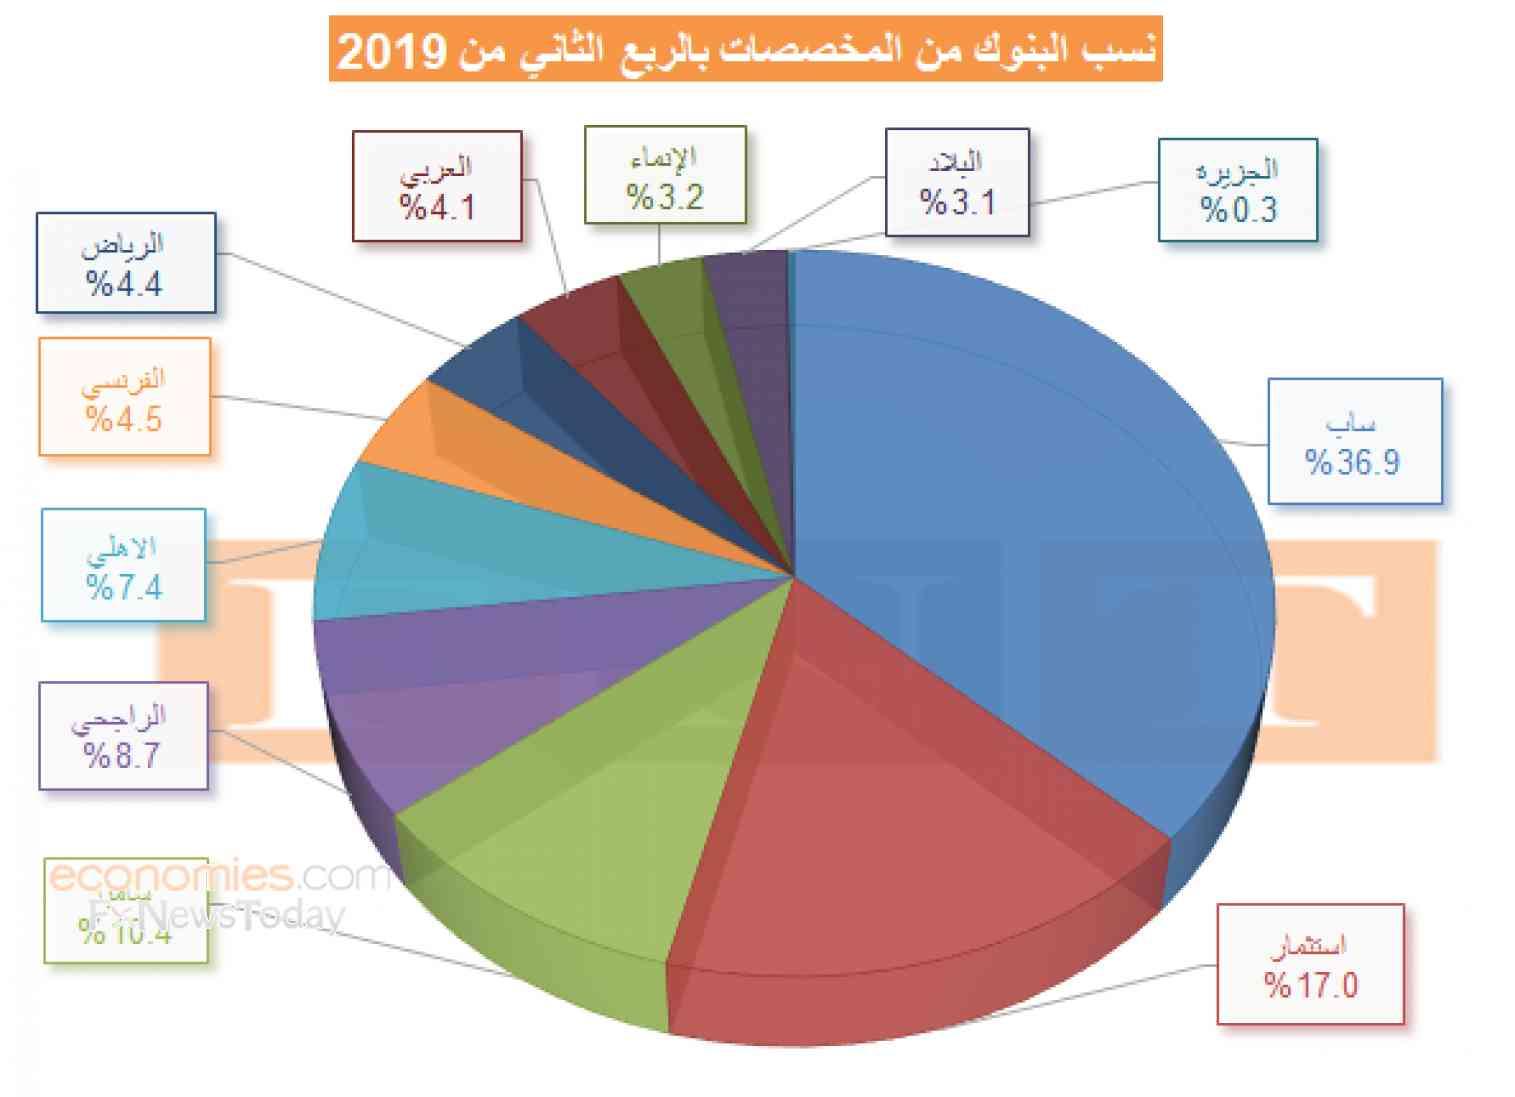 البنوك السعودي تضاعف مخصصاتها بالربع الثاني و37% منها للسعودي البريطاني (4)